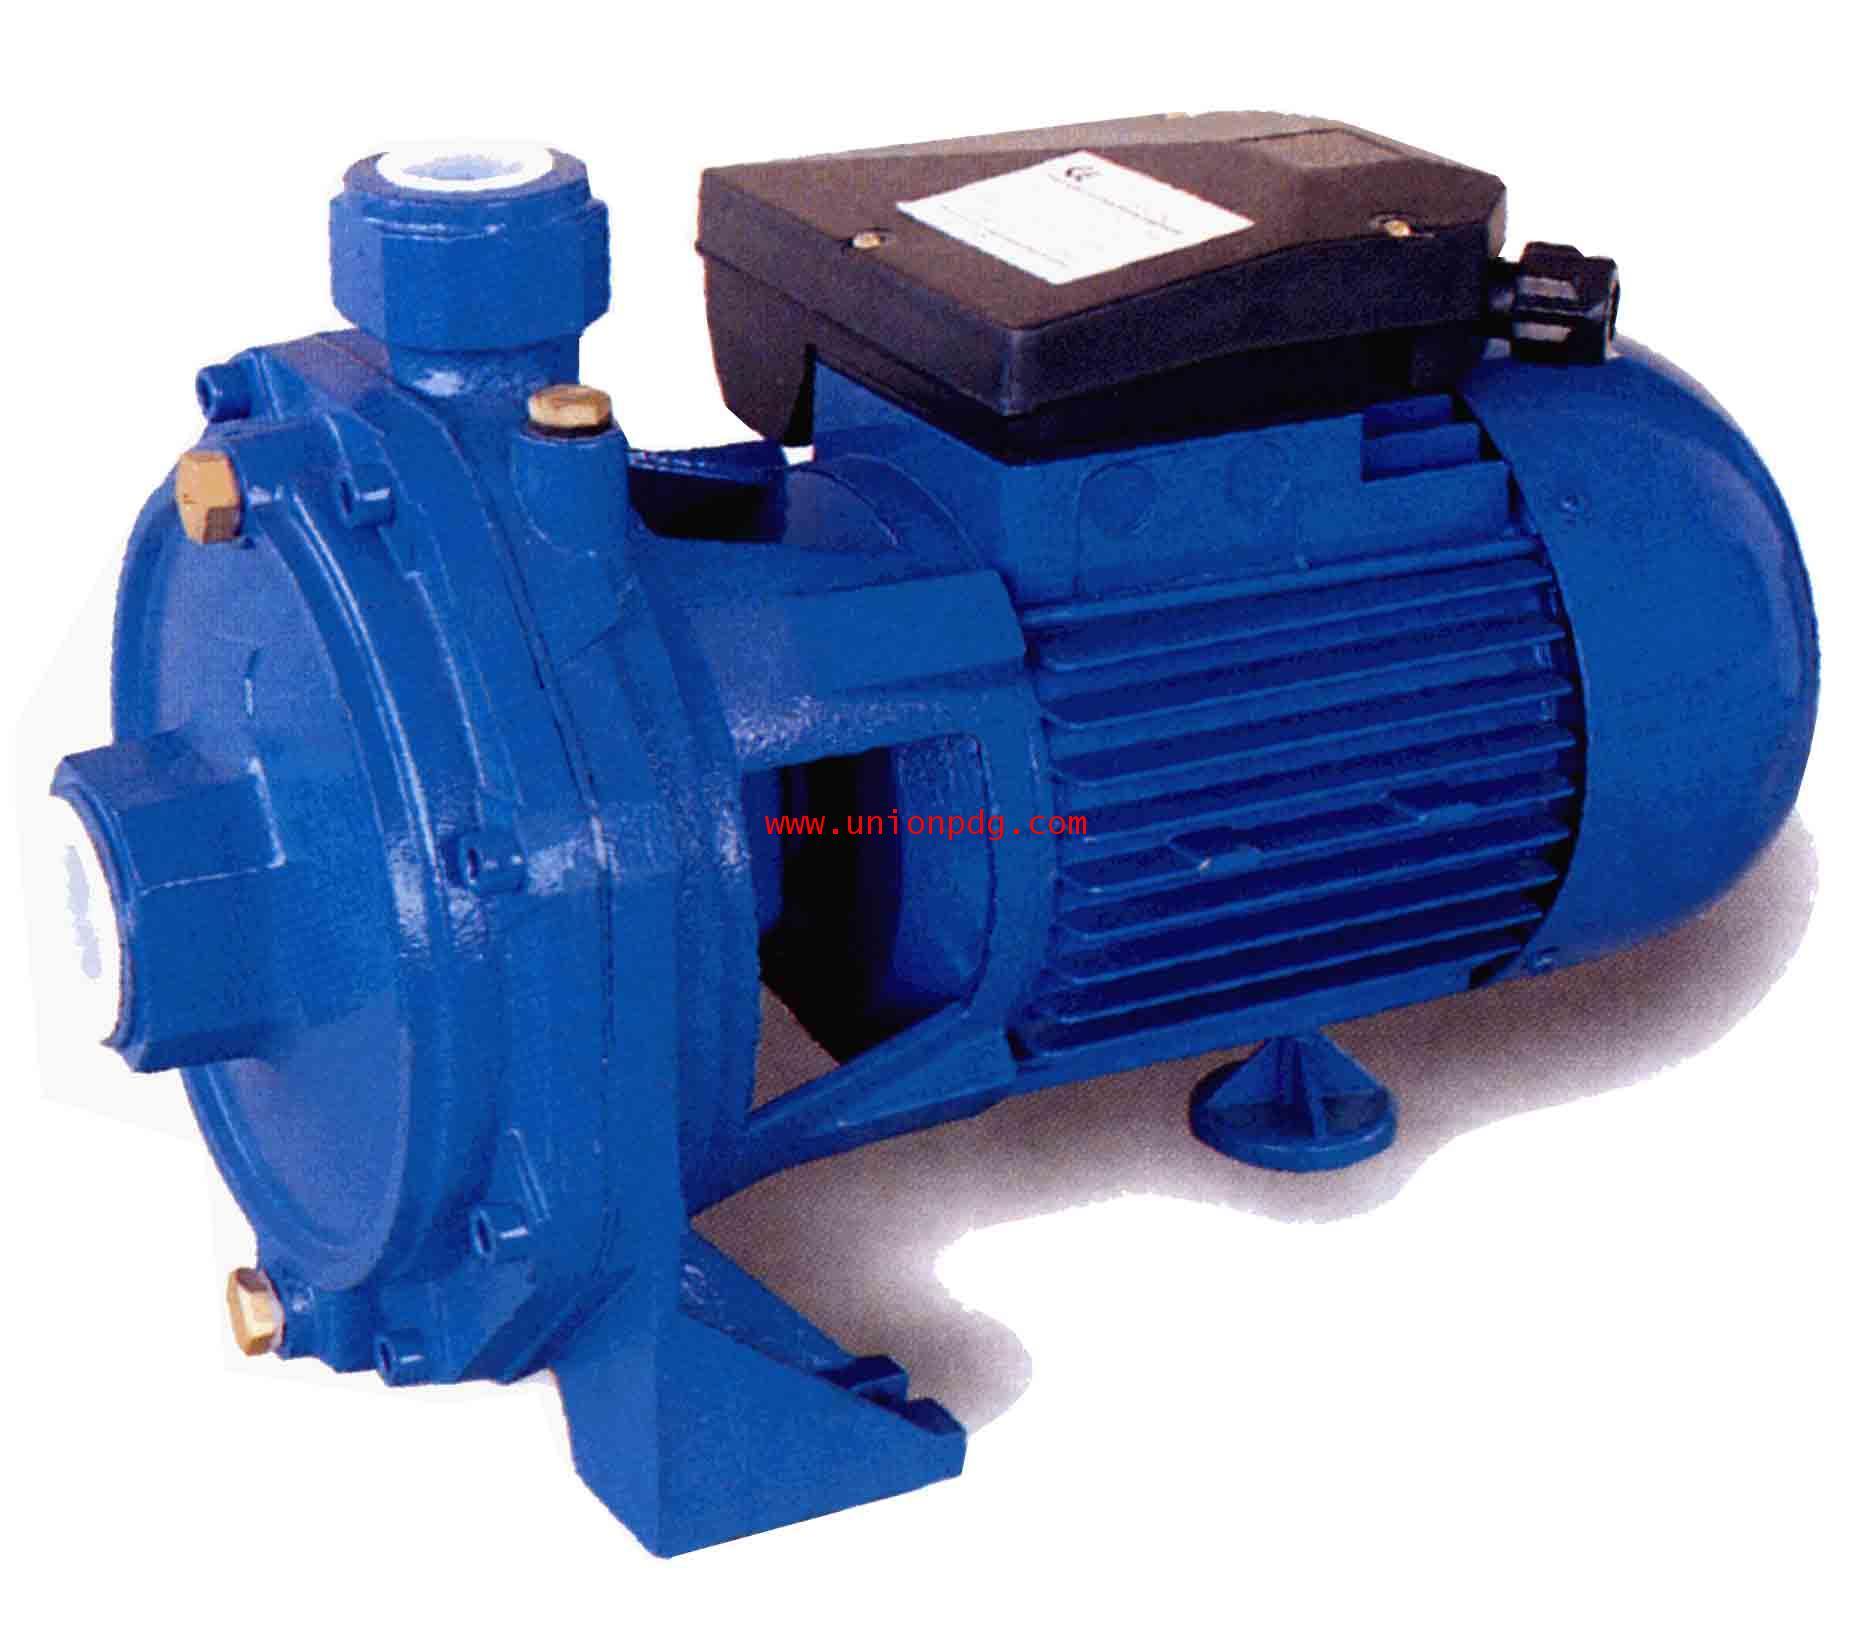 ปั๊มหอยโข่ง แบบสองใบพัด Centrifugal twin impeller pumps